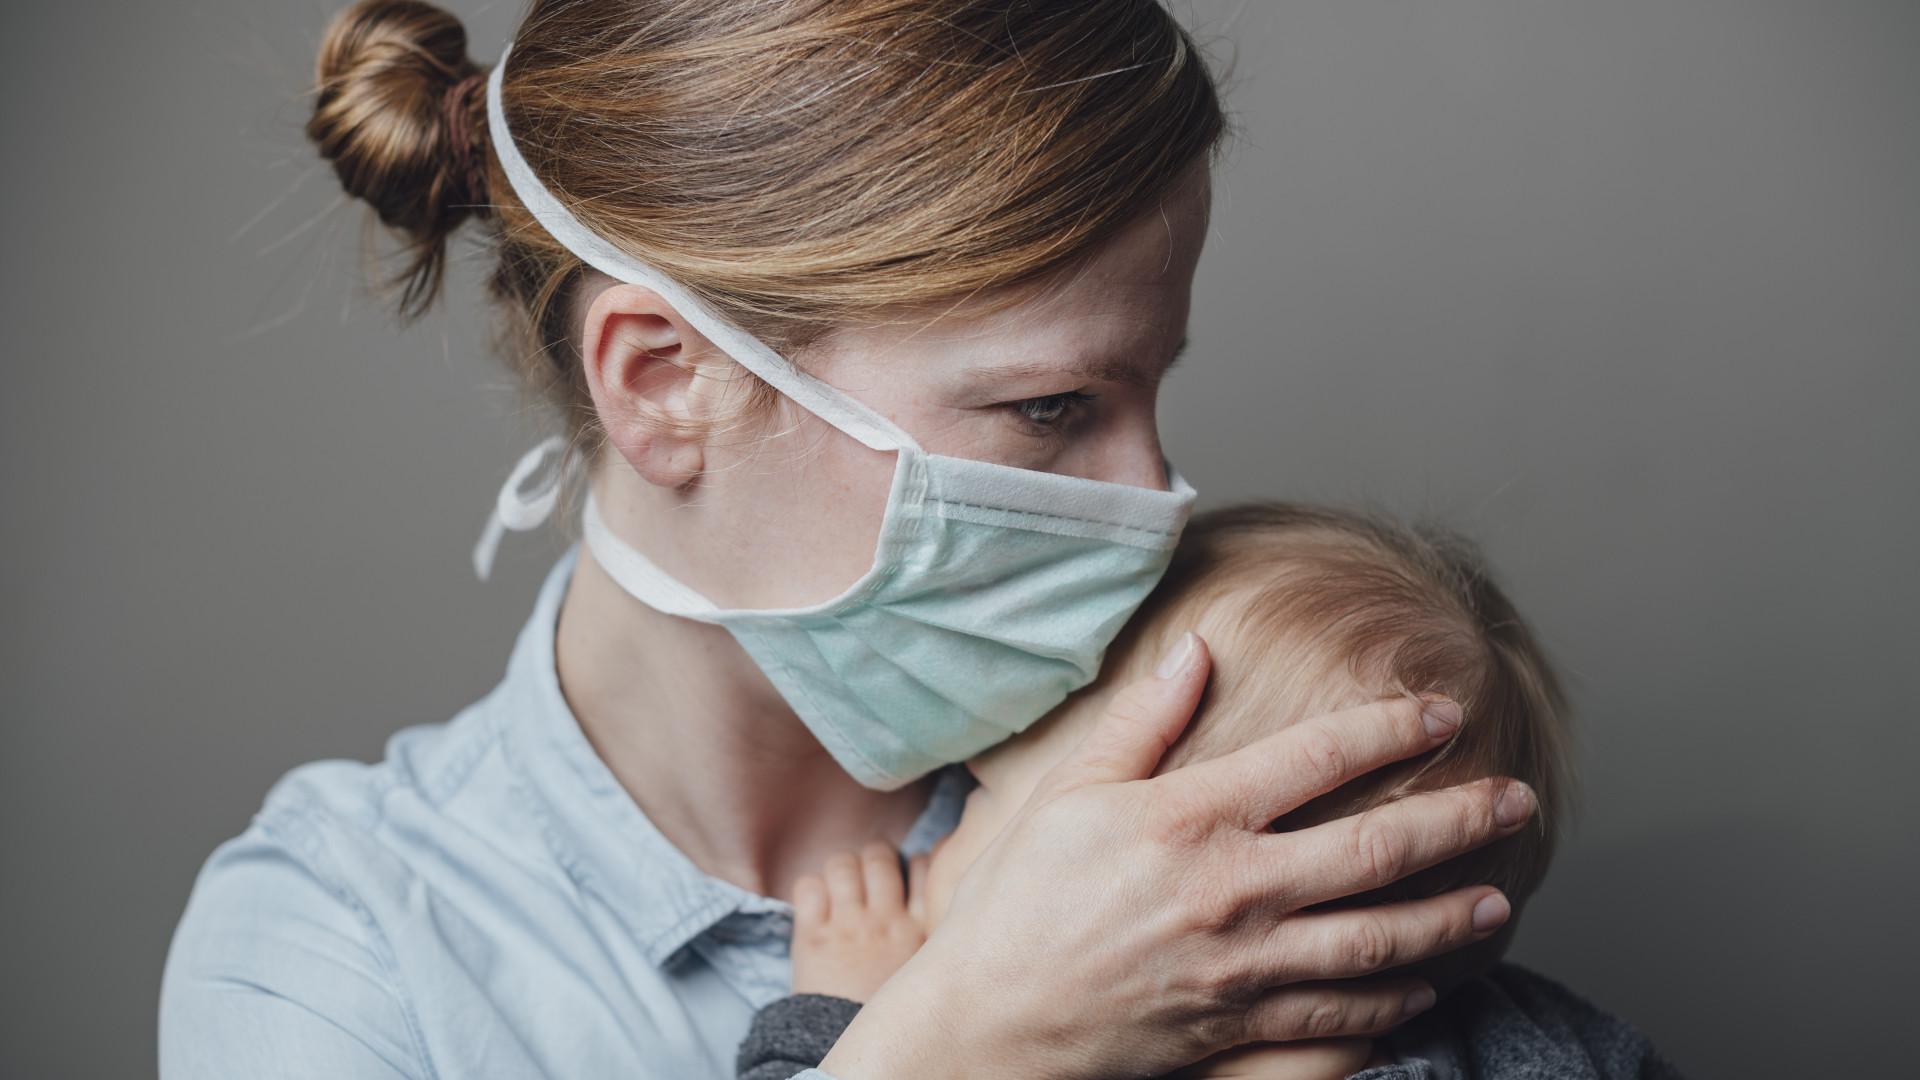 Koronavírus Magyarországon: gyerekek kerülnek lélegeztetőgépre, babák vannak kórházban